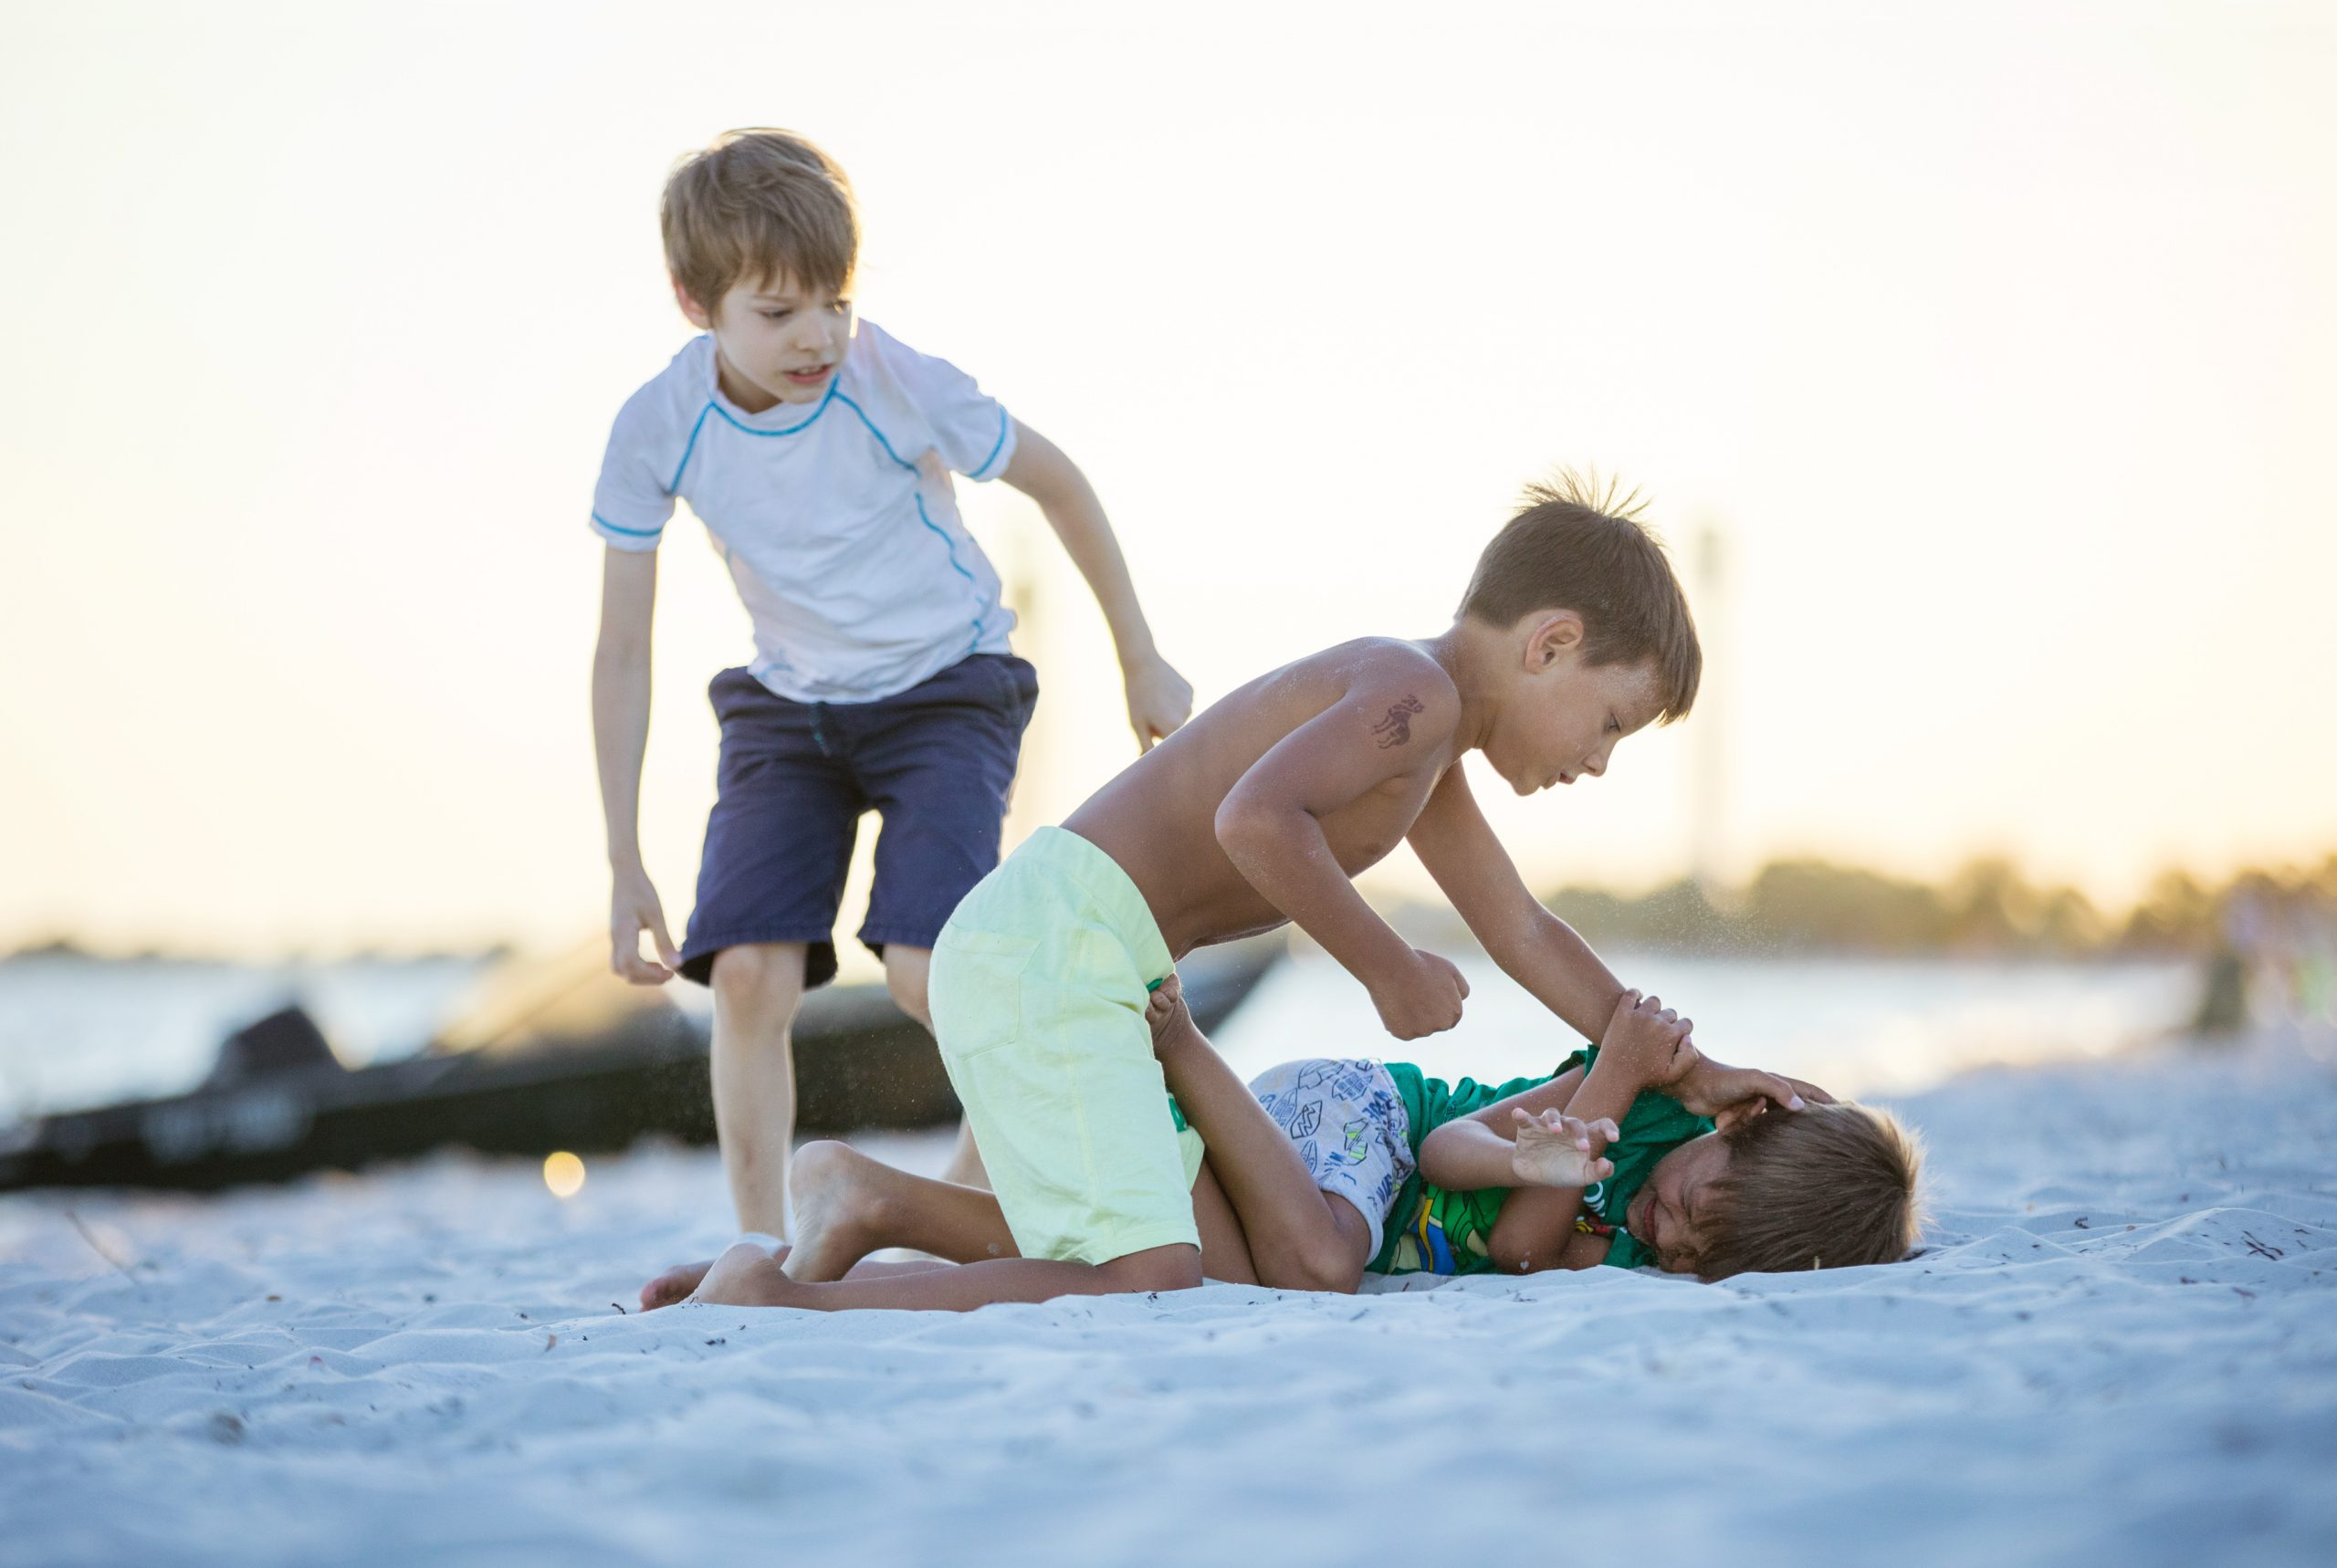 Как отучить ребенка драться: советы по управлению детской агрессией